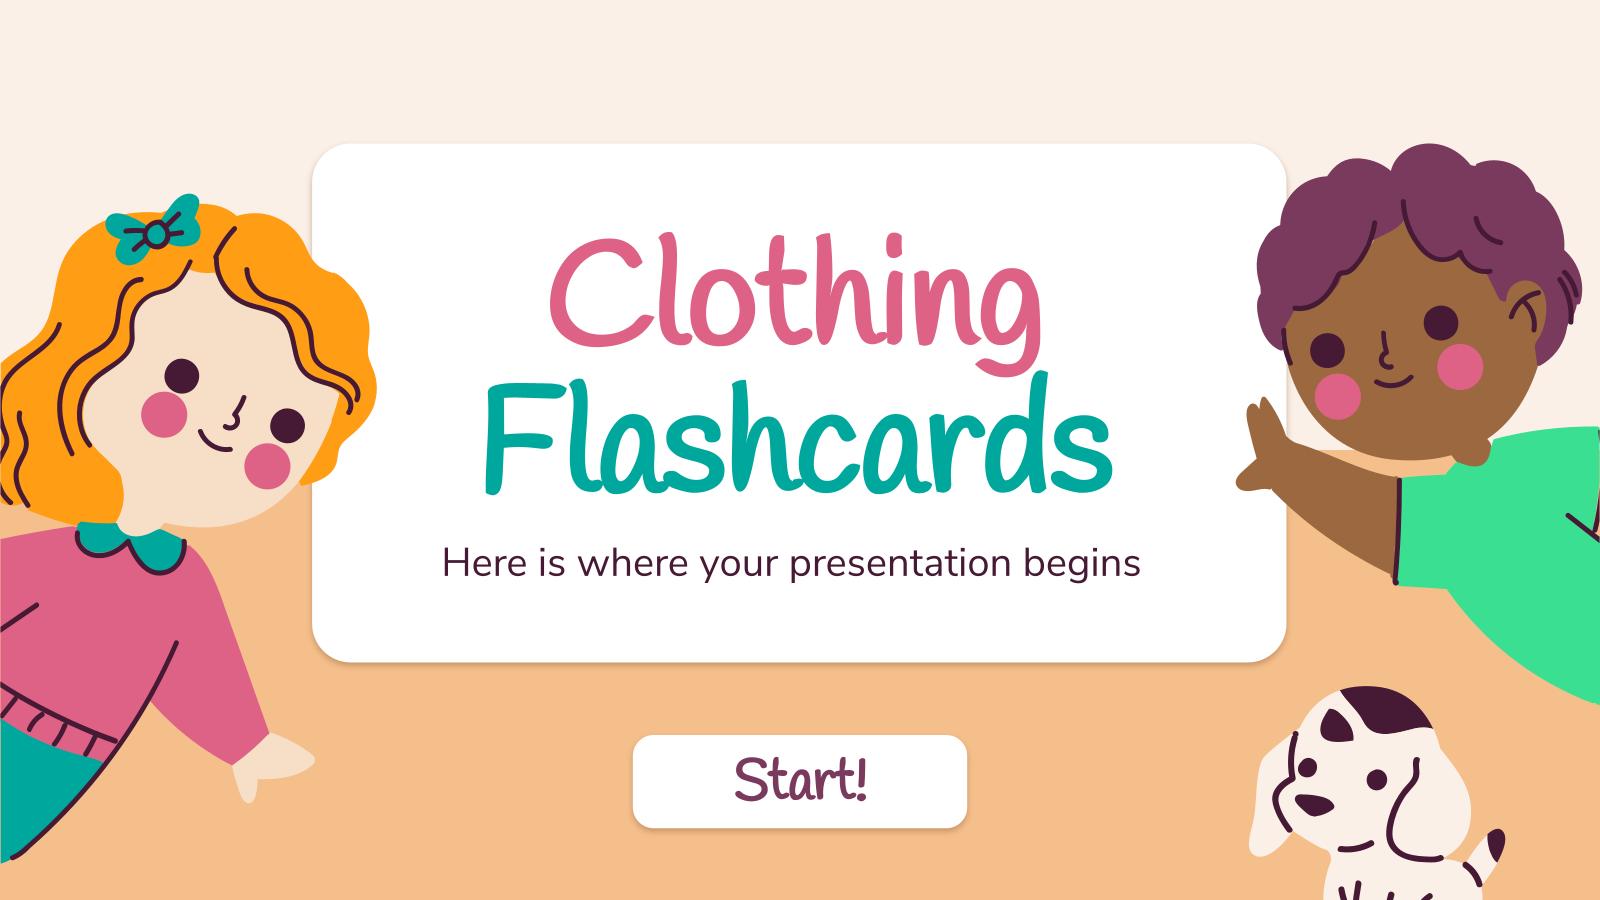 Modelo de apresentação Flashcards de roupas